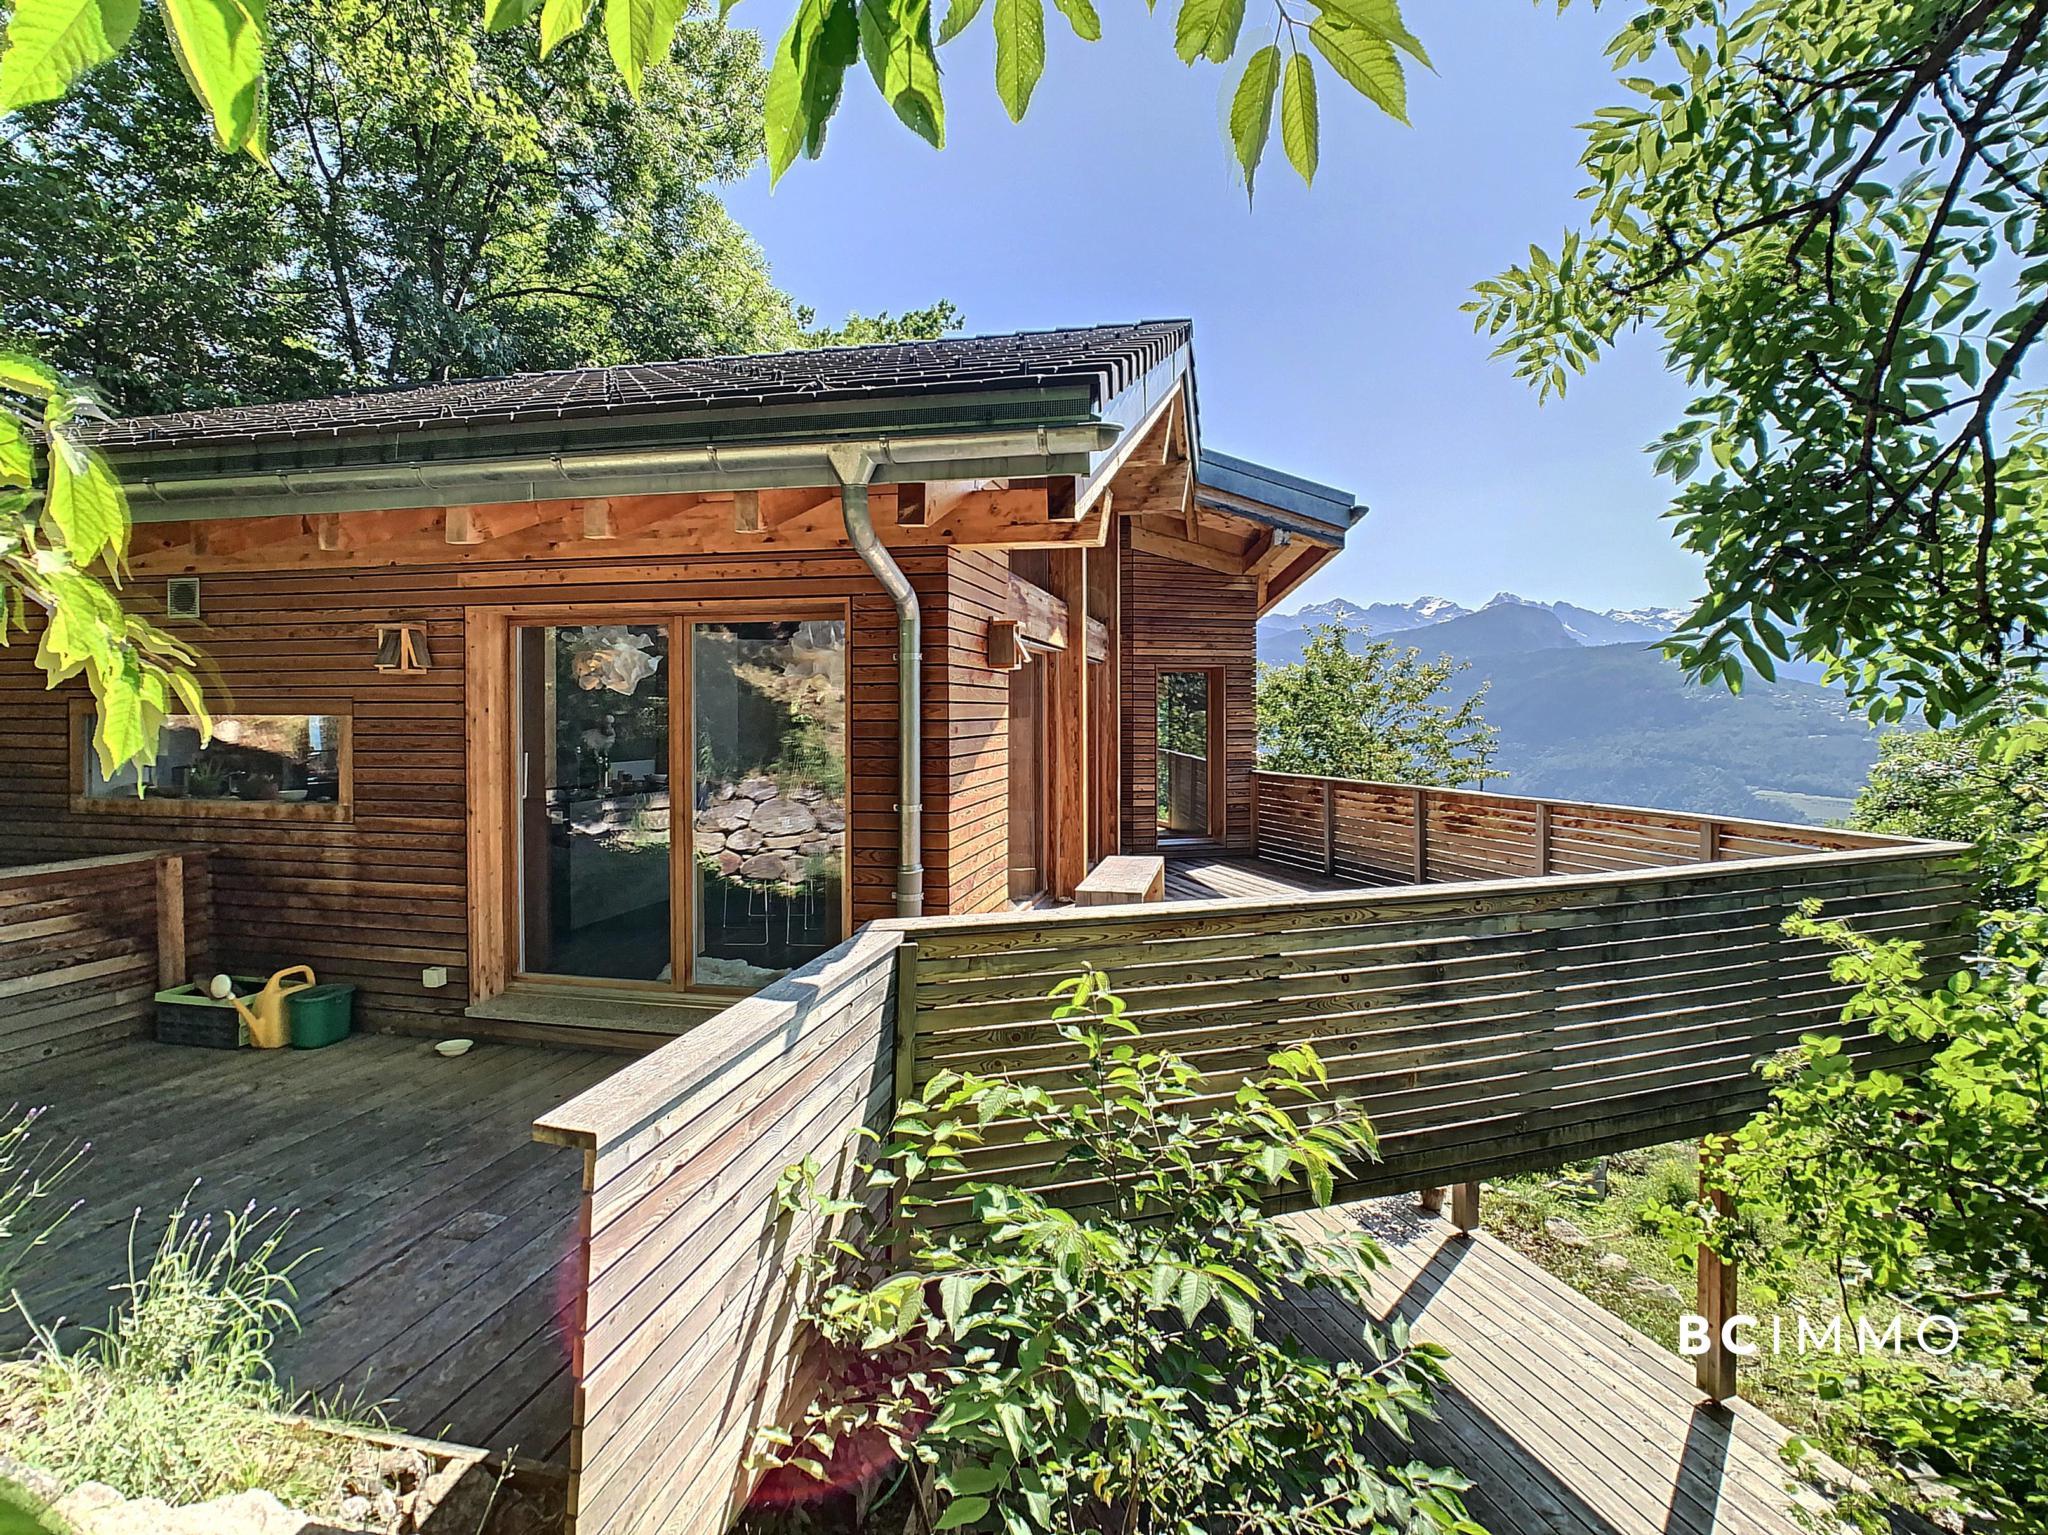 BC Immo - En pleine nature, sublime villa d'architecte  - VAL1928GS